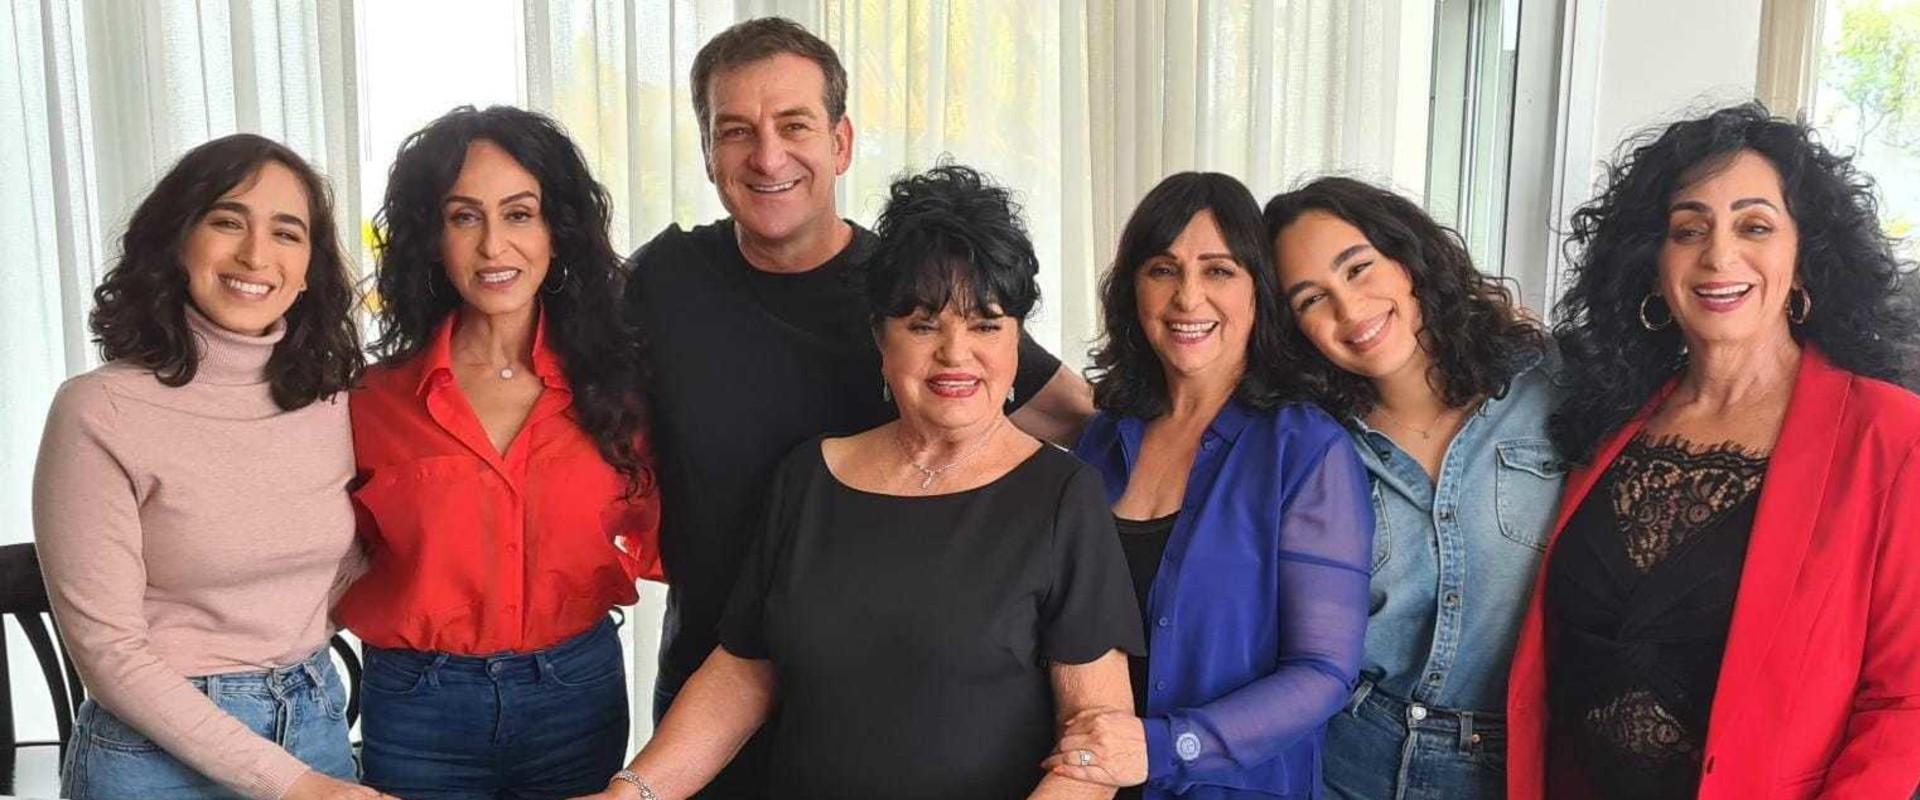 דני קושמרו עם ריטה ומשפחתה (צילום: חוסין אל אוברה)